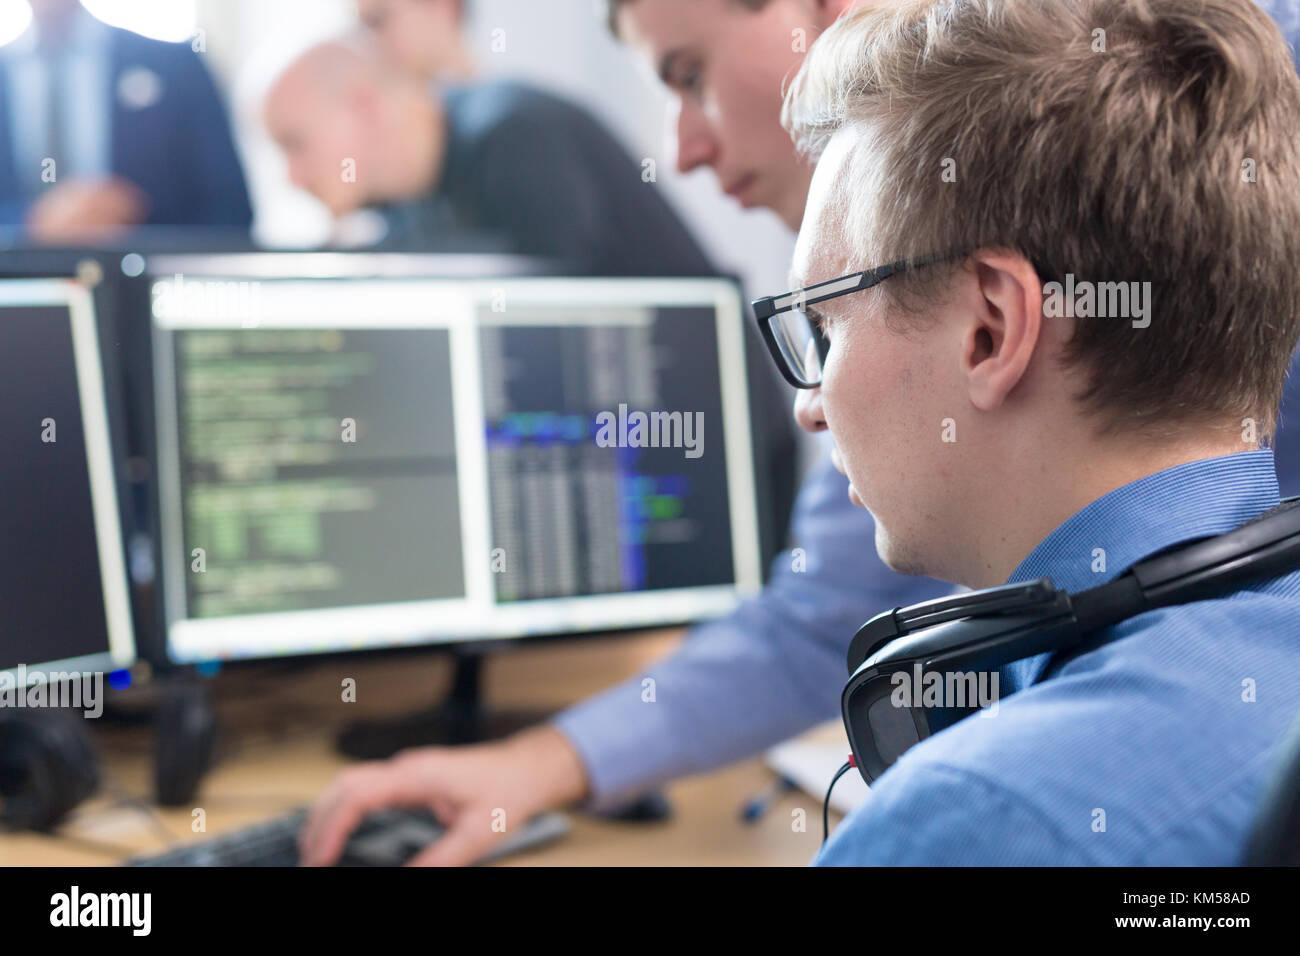 Startup business problem solving. Software developers working on desktop computer. - Stock Image